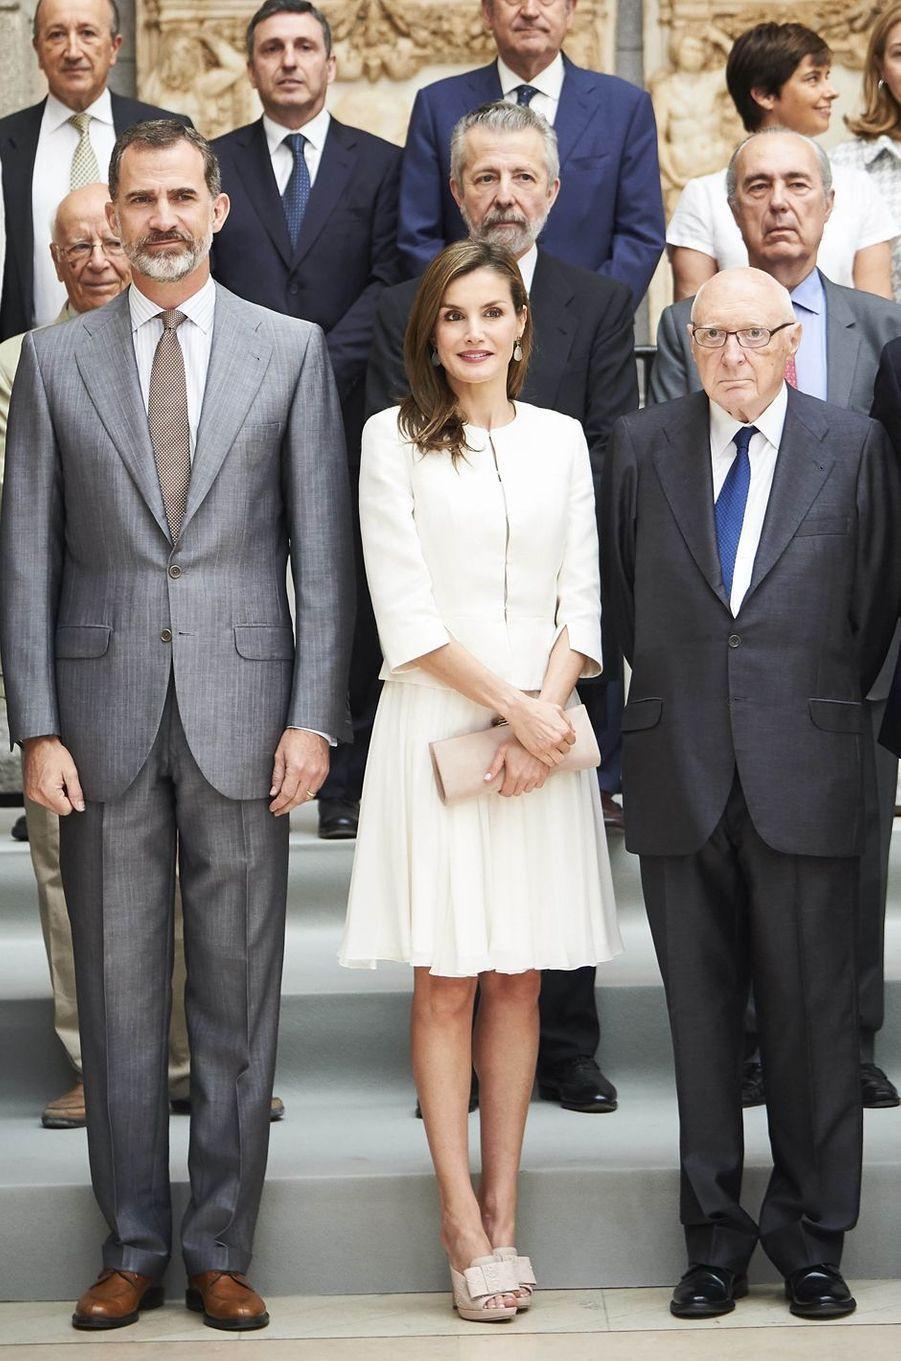 La reine Letizia et le roi Felipe VI d'Espagne à Madrid, le 19 juin 2017